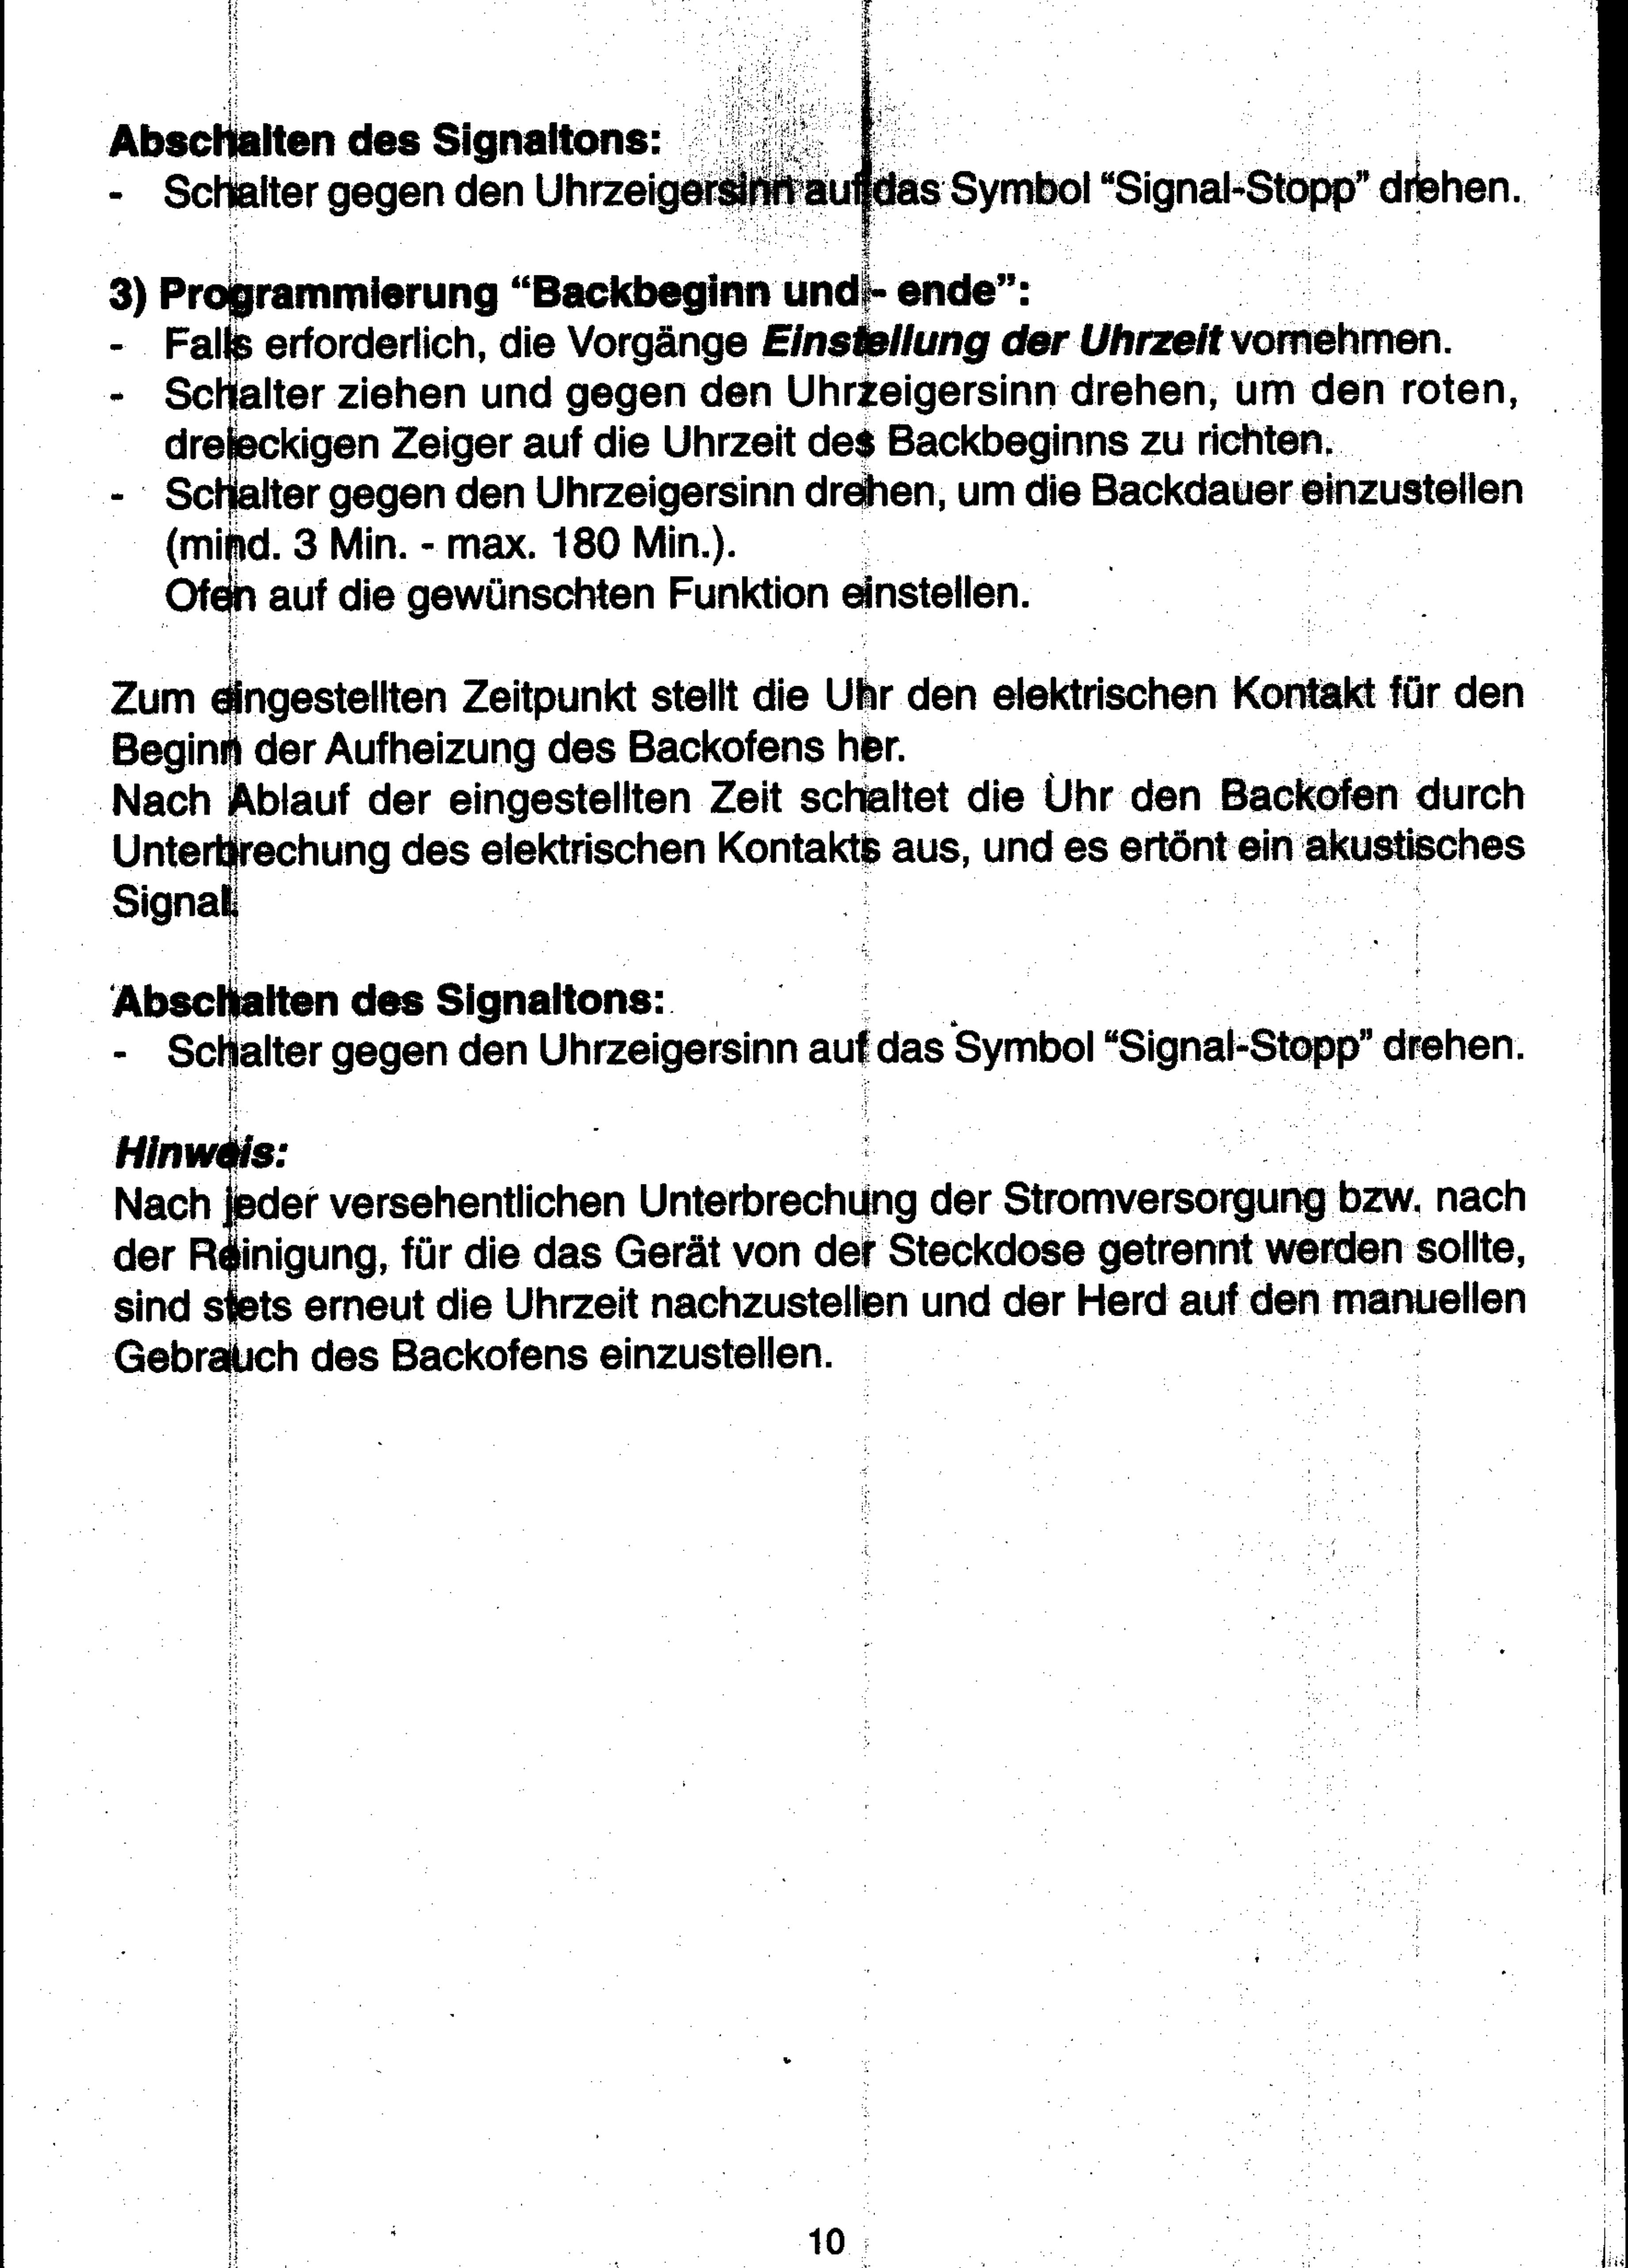 Charmant Elektrische Symbole Lichtschalter Ideen - Elektrische ...